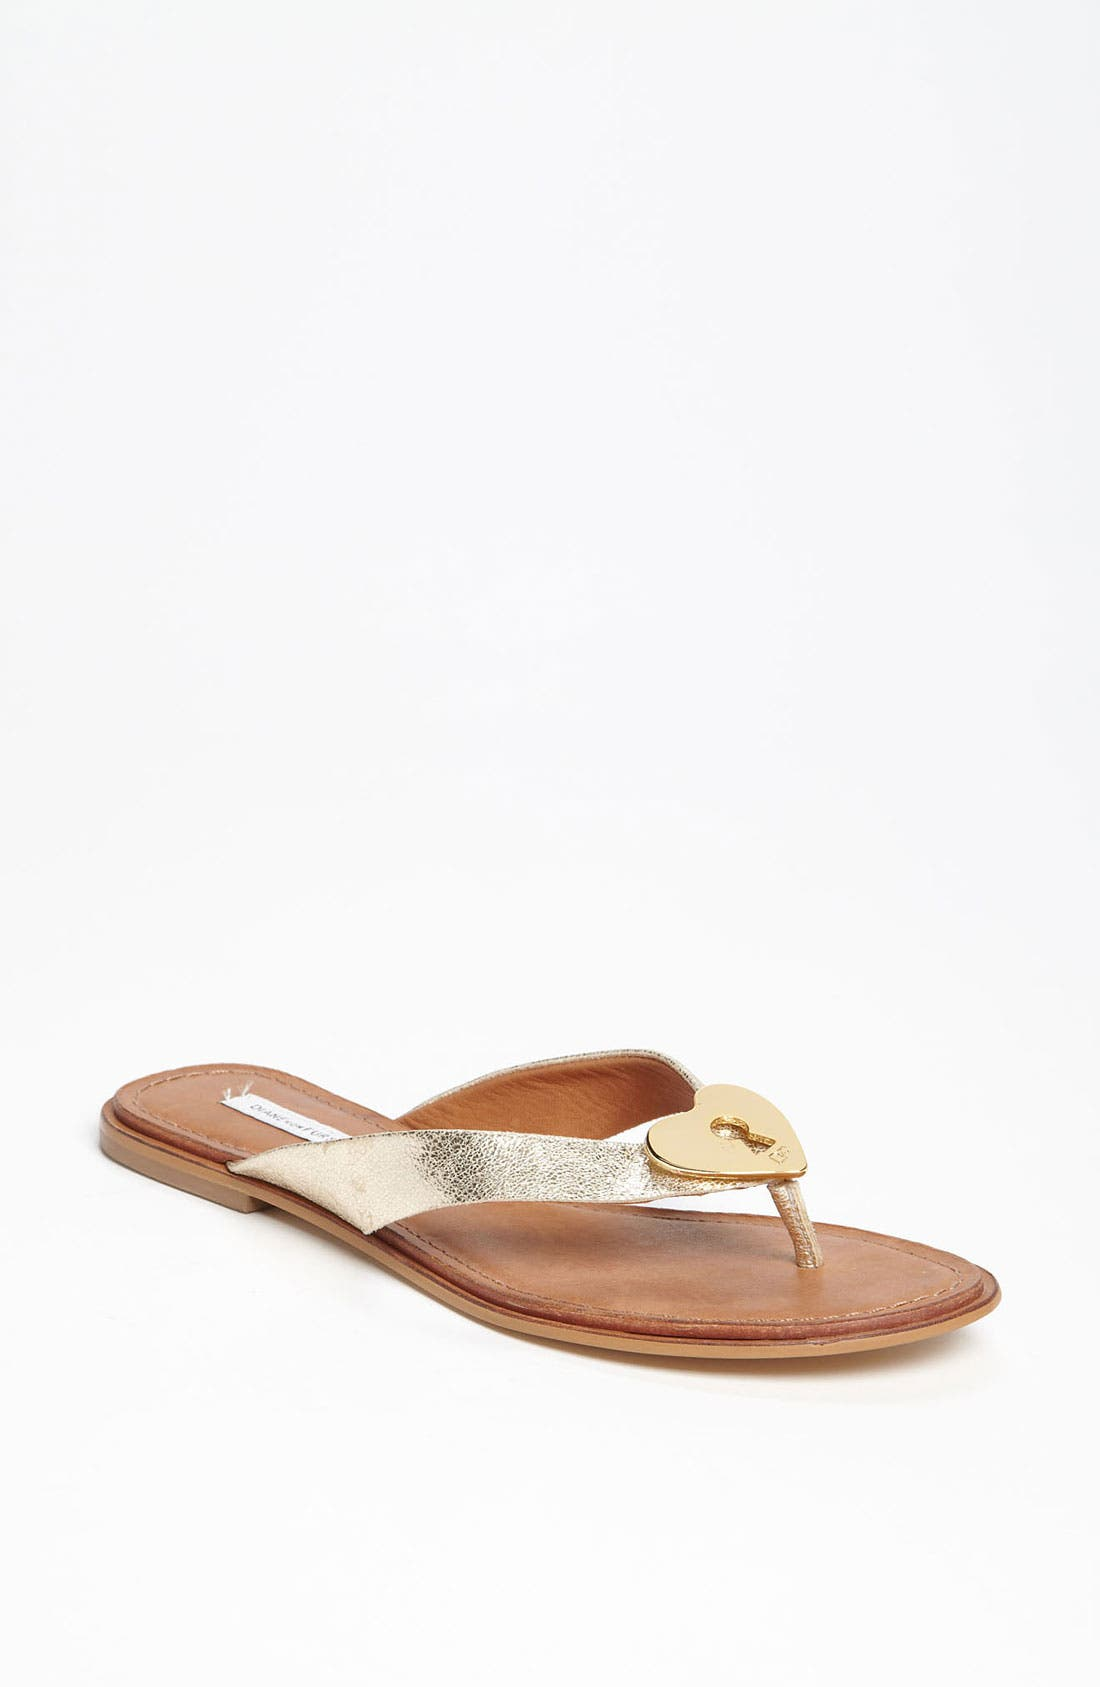 Main Image - Diane von Furstenberg 'Kyra' Sandal